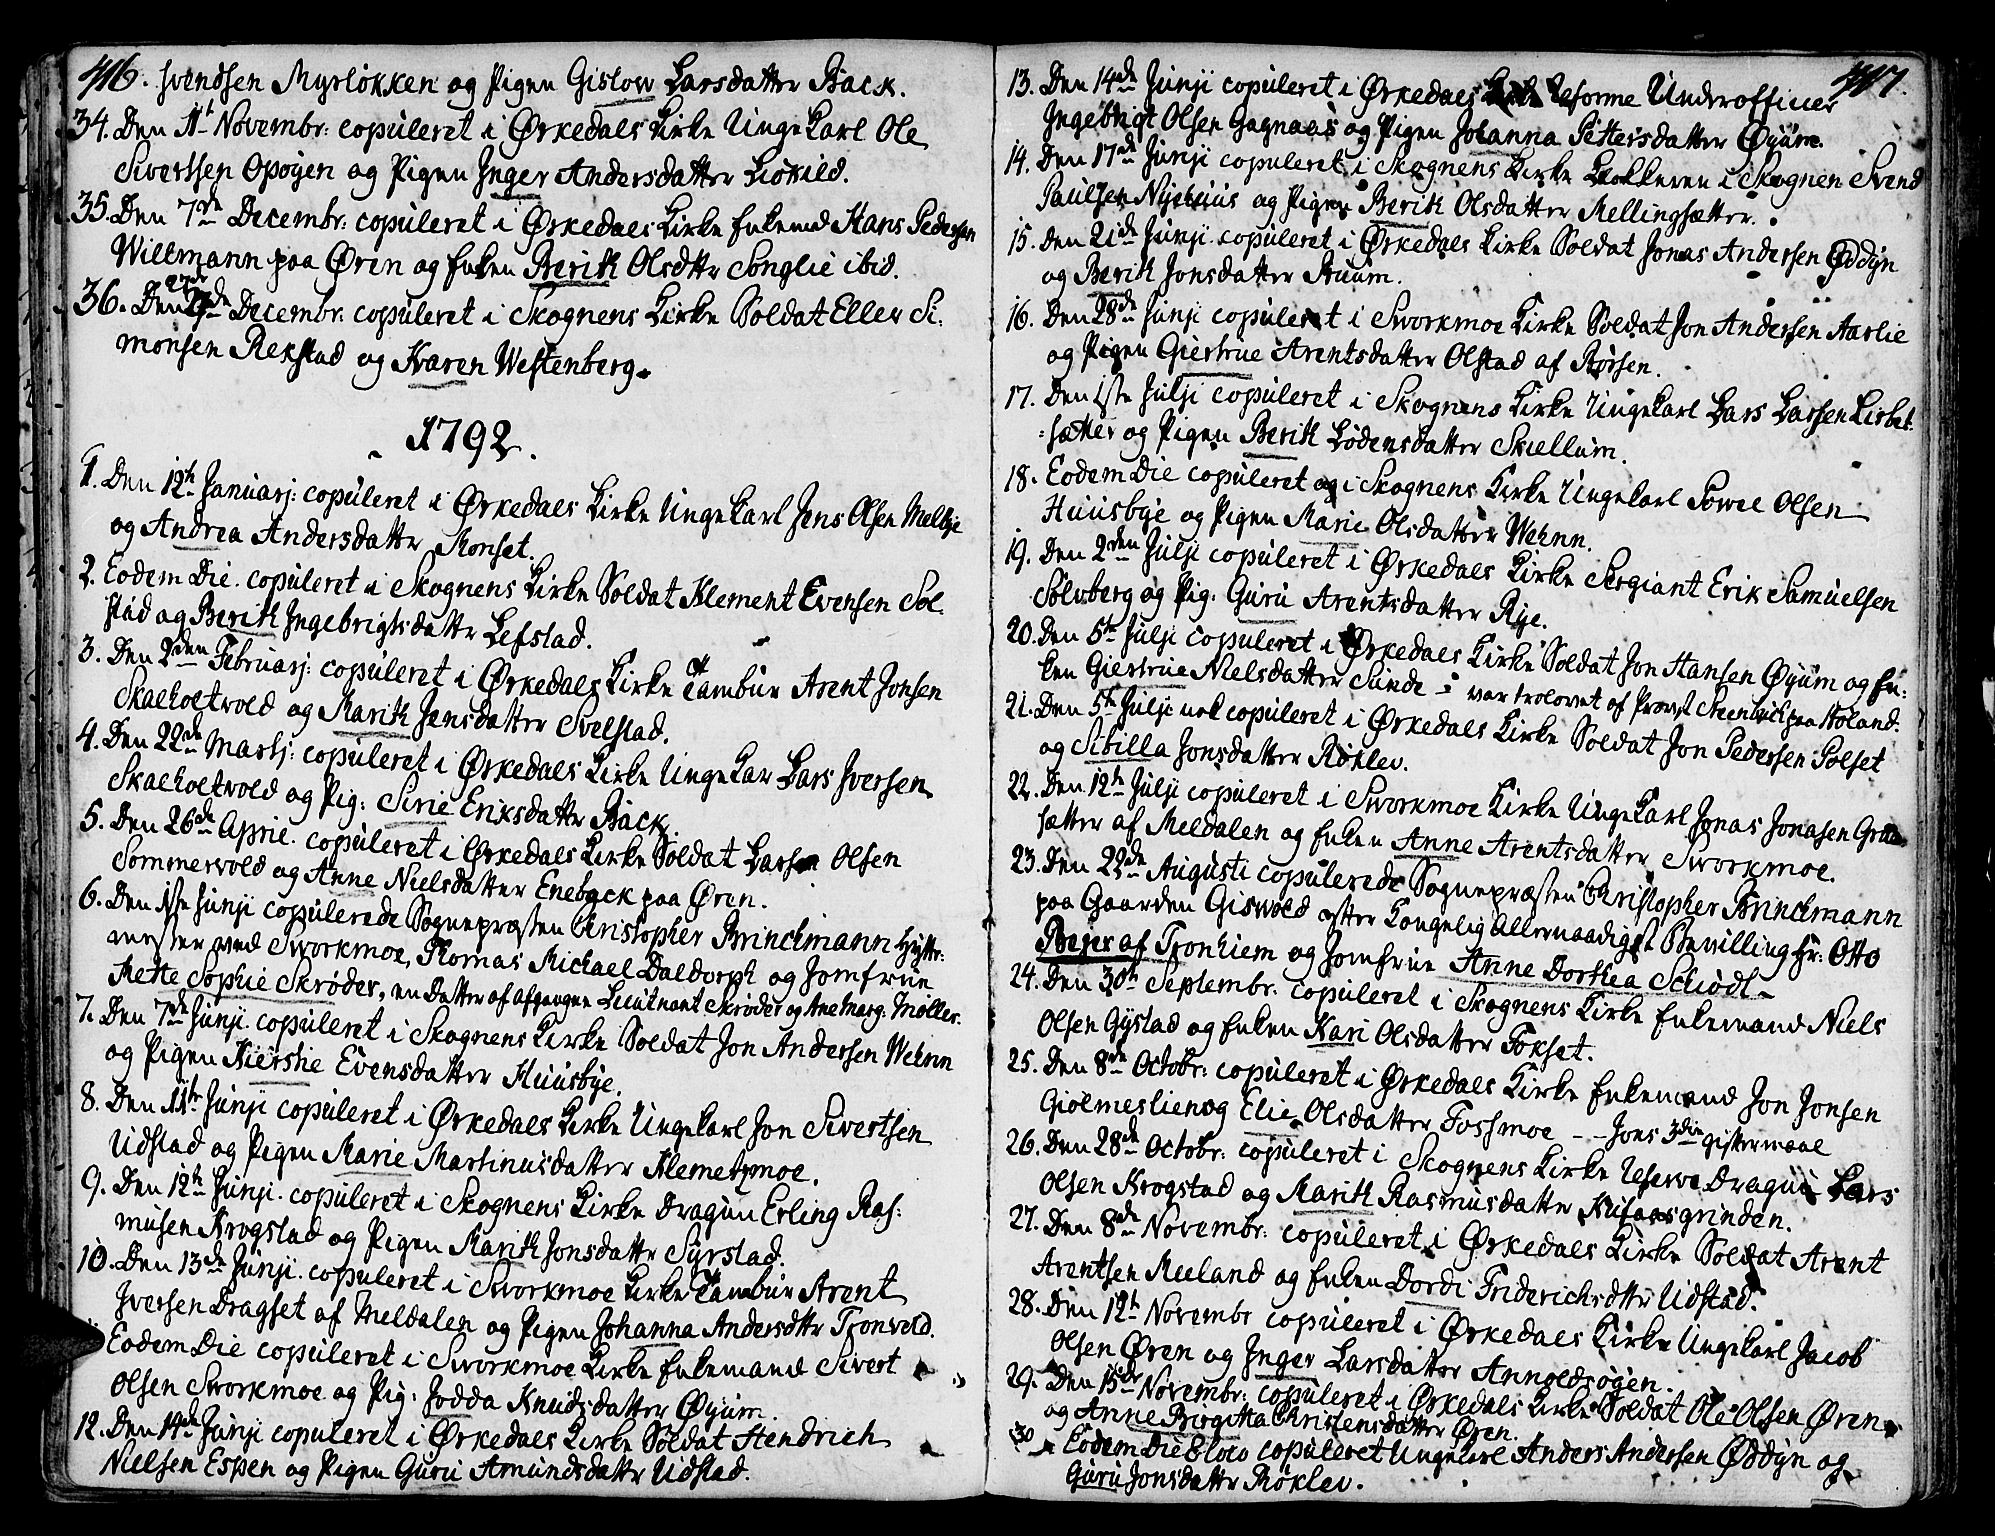 SAT, Ministerialprotokoller, klokkerbøker og fødselsregistre - Sør-Trøndelag, 668/L0802: Ministerialbok nr. 668A02, 1776-1799, s. 416-417